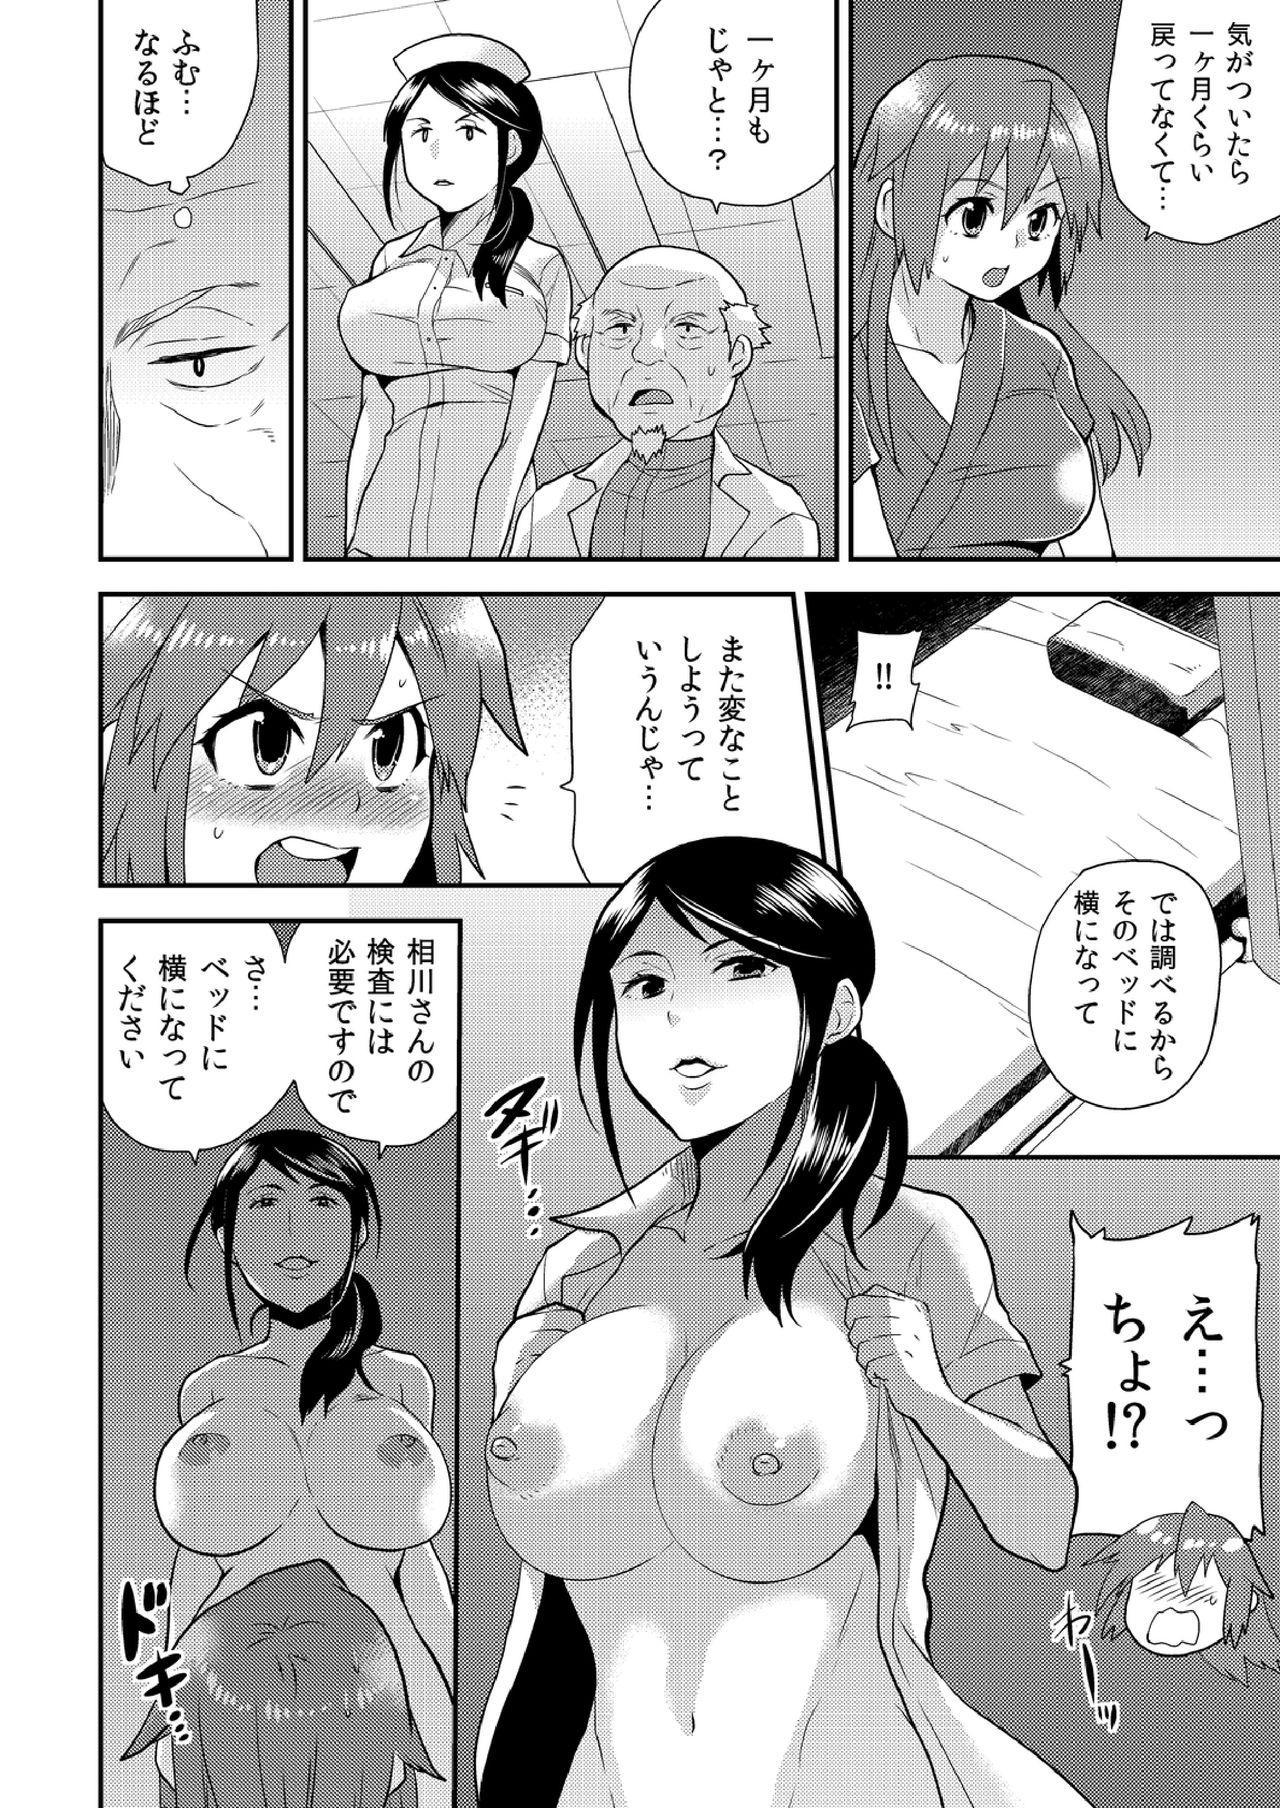 Nyotaika Health de Bikun Bikun ★ Ore no Omame ga Chou Binkan! 20